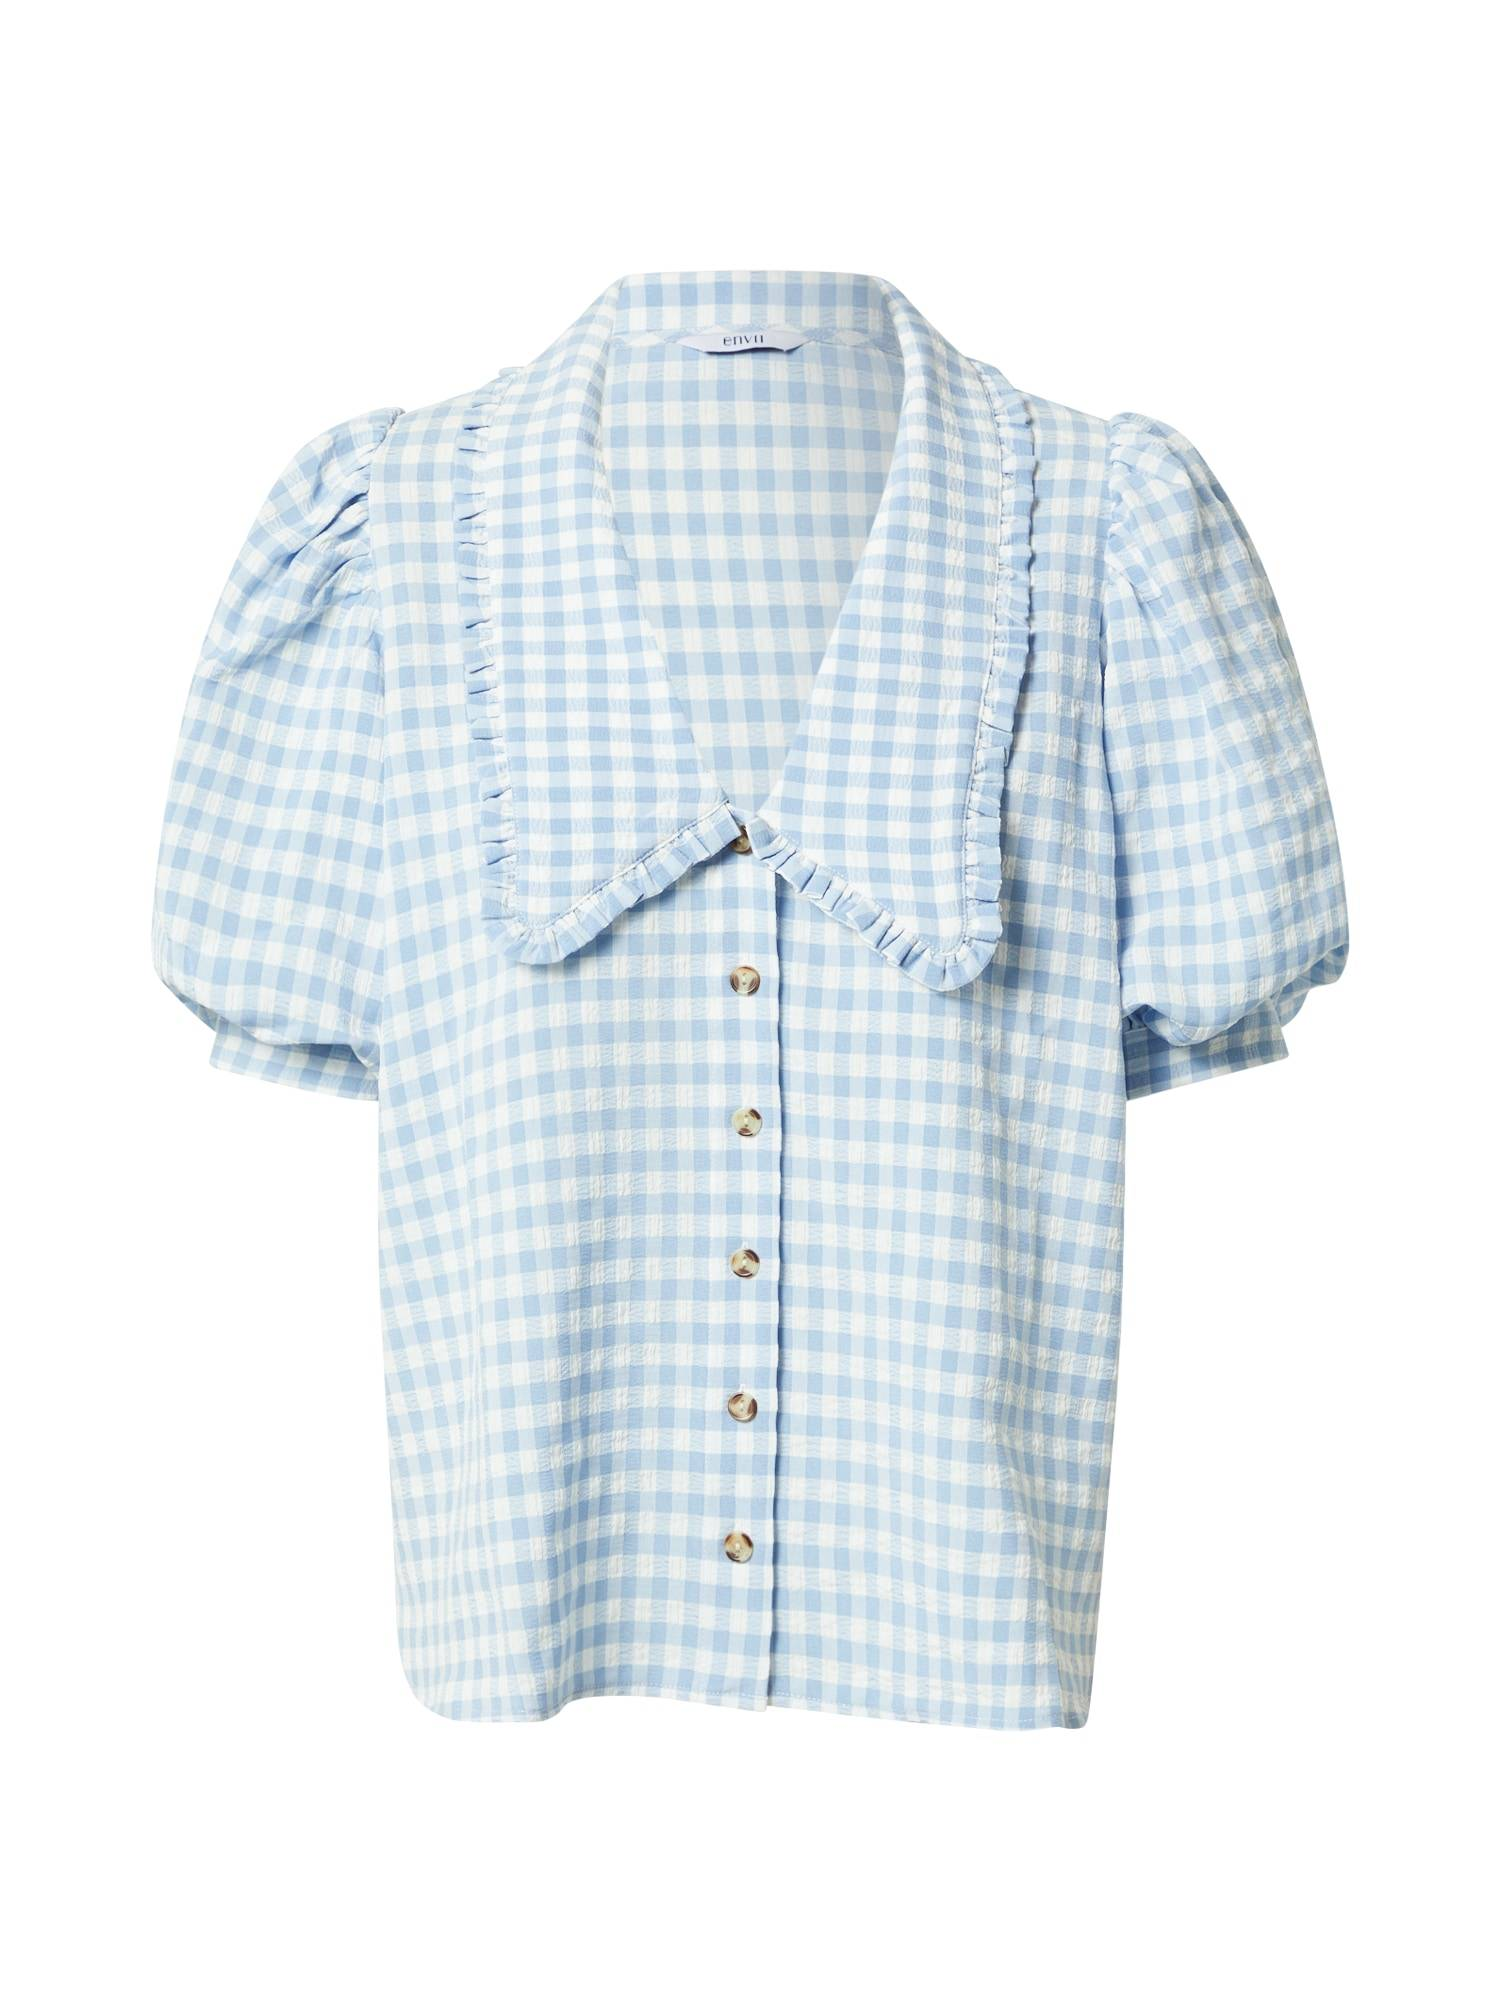 envii camicia da donna 'april' bianco, blu